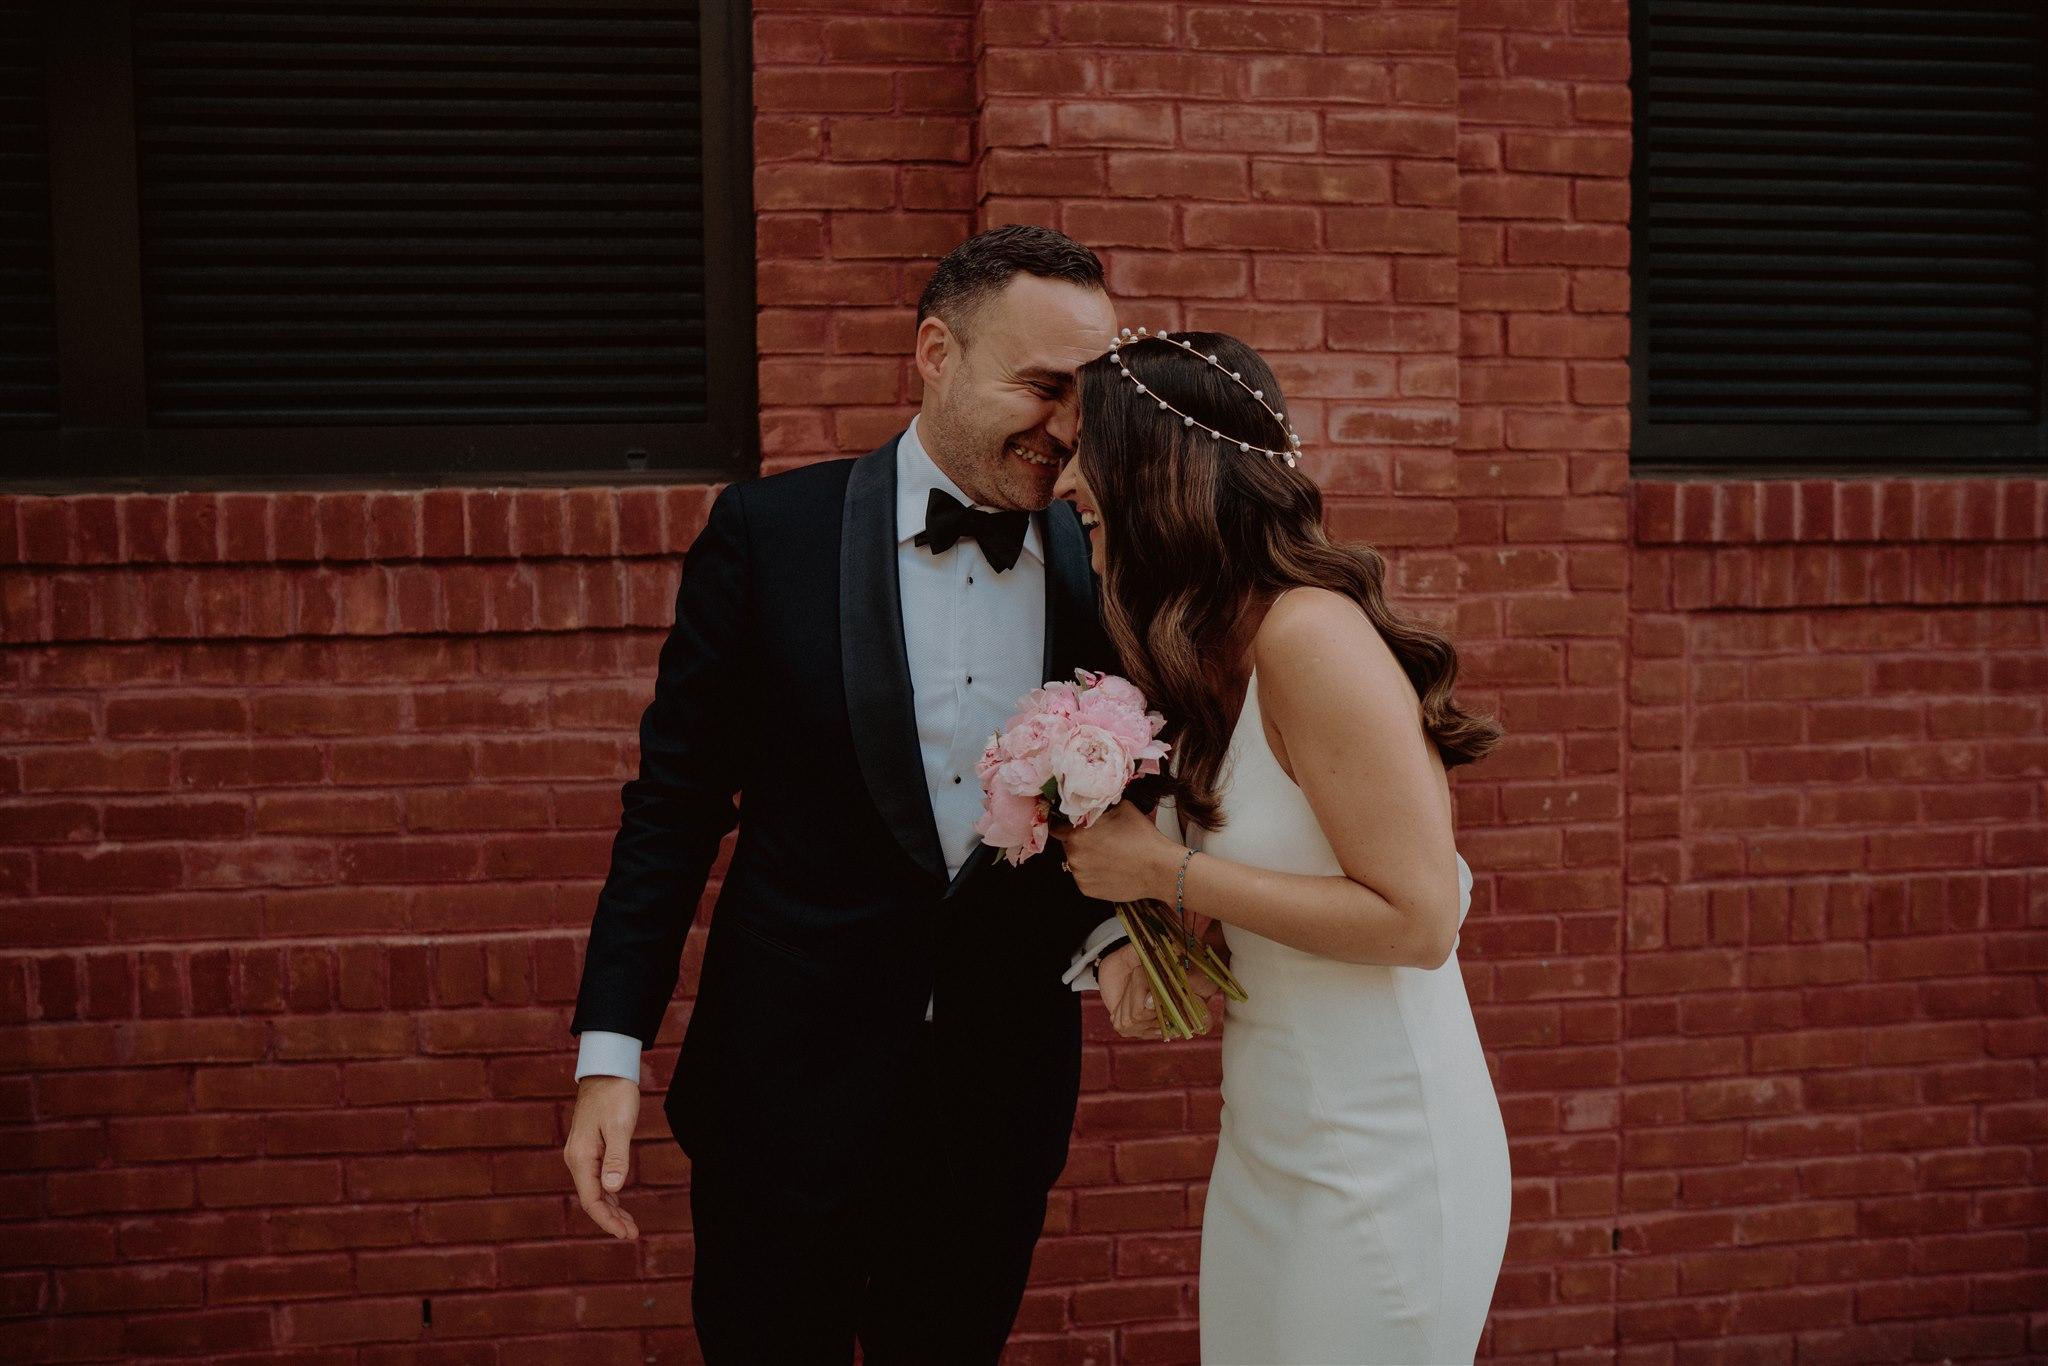 Chellise_Michael_Photography_Ramona_Brooklyn_Wedding_Photographer-338.jpg